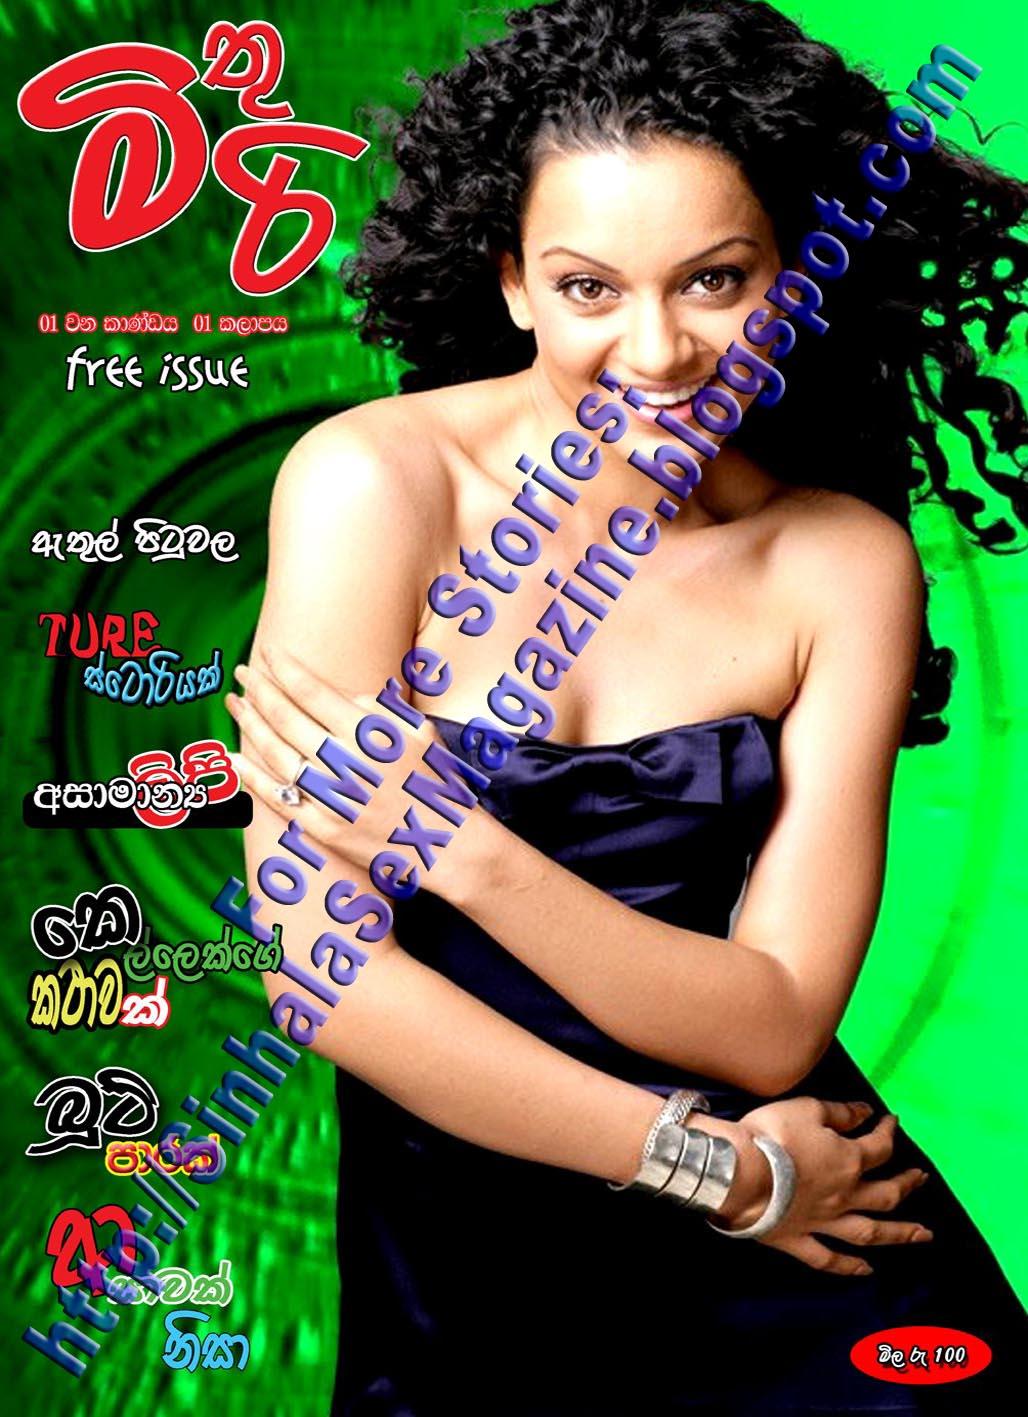 xxx-magazine-sri-lanka